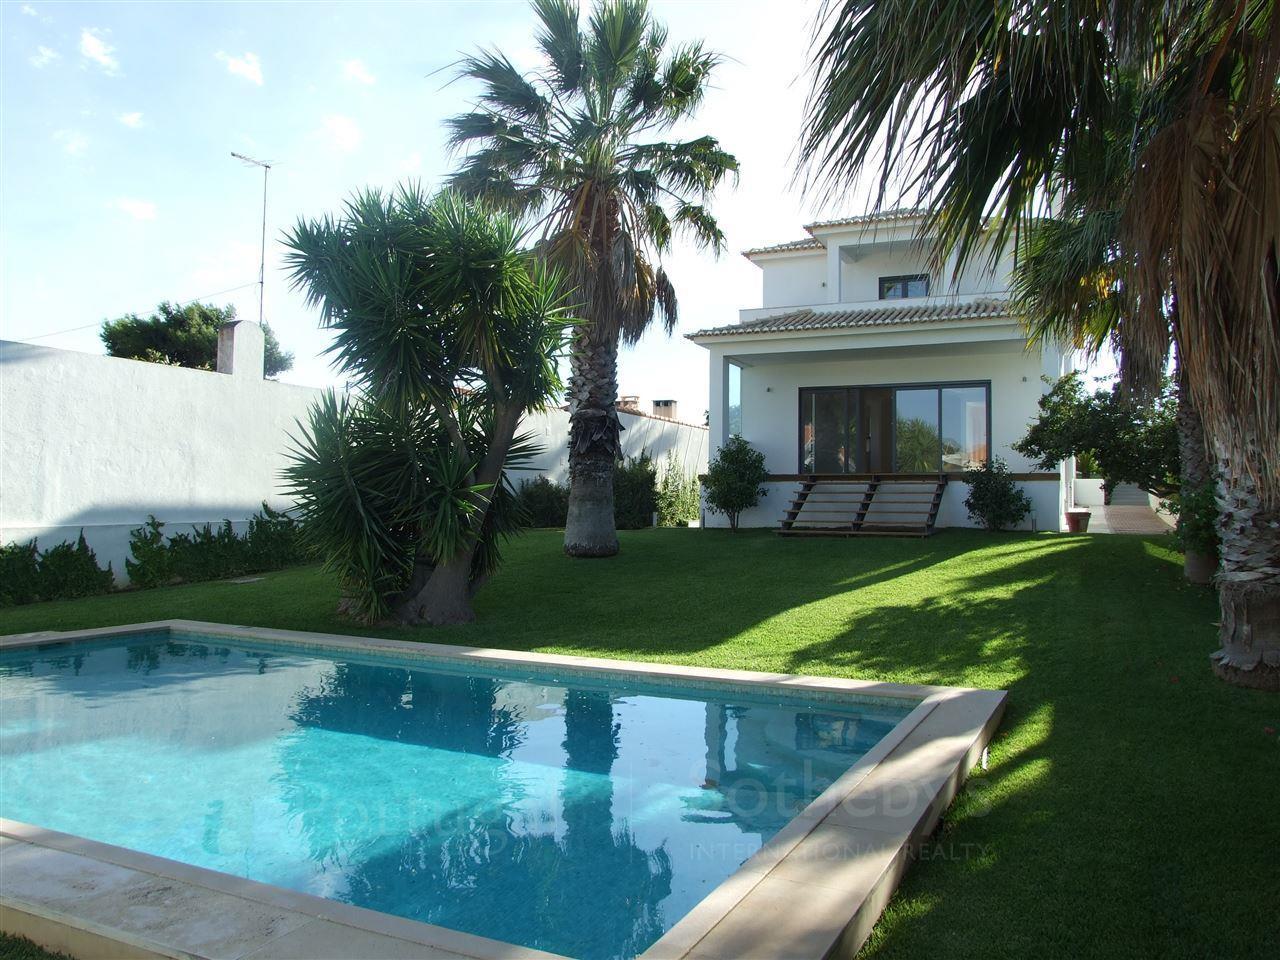 Частный односемейный дом для того Продажа на House, 3 bedrooms, for Sale Birre, Cascais, Лиссабон Португалия